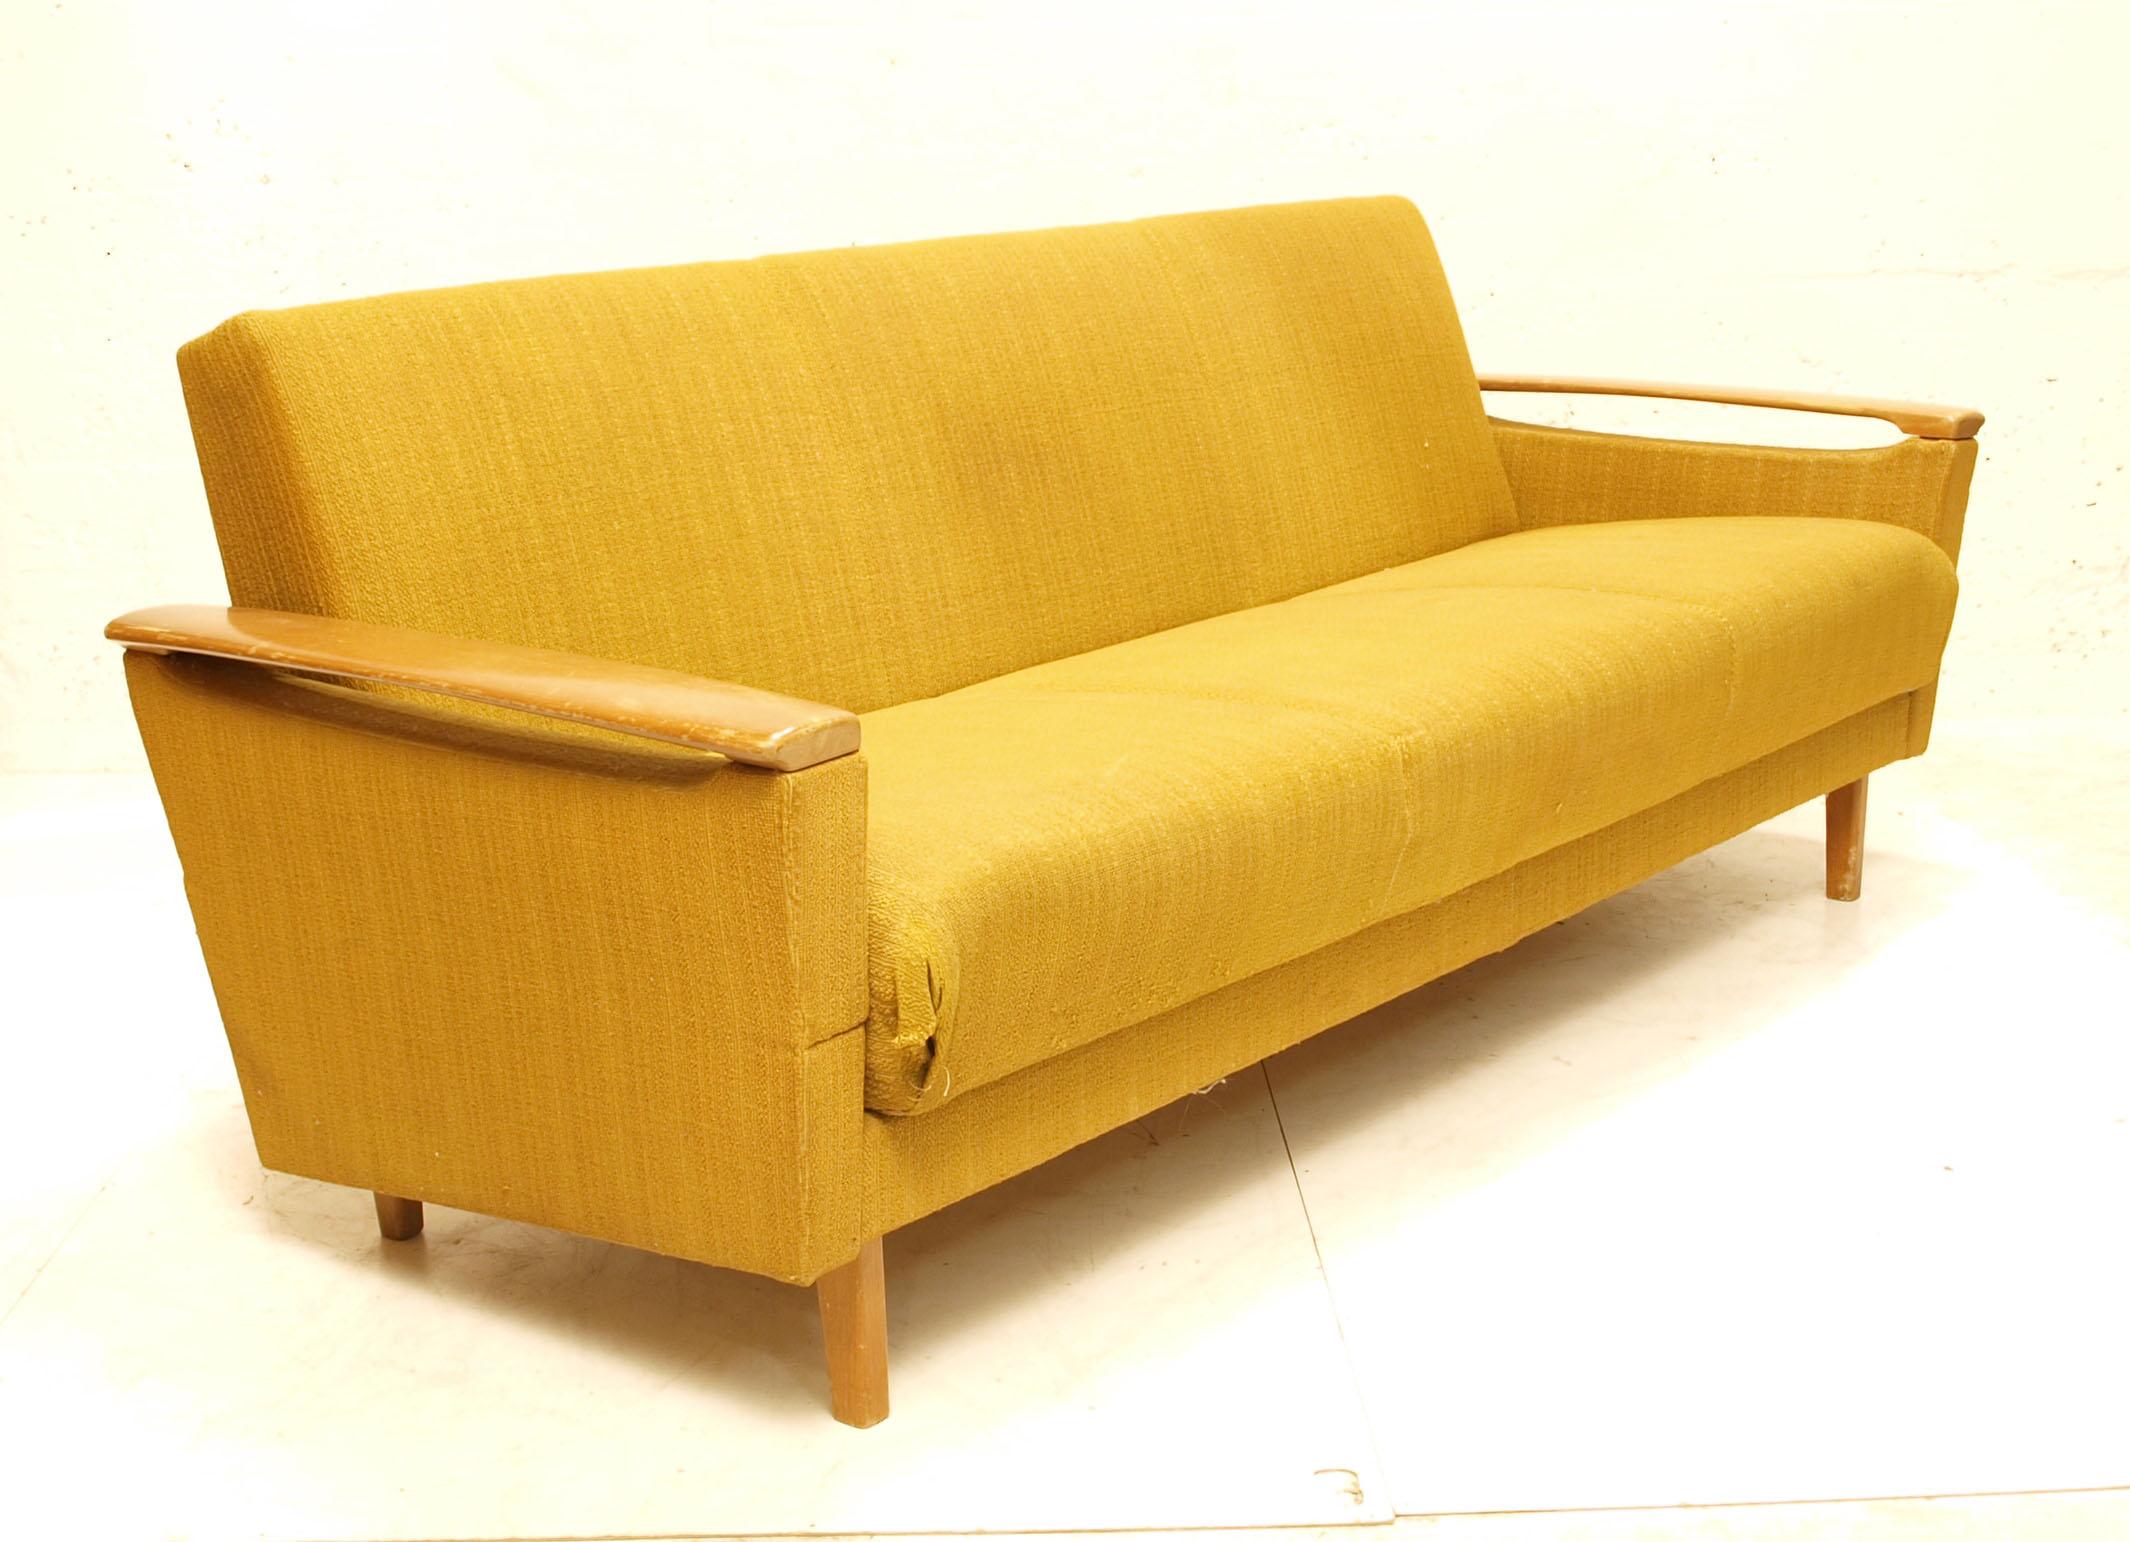 bettsofa senf gelb m bel z rich vintagem bel. Black Bedroom Furniture Sets. Home Design Ideas